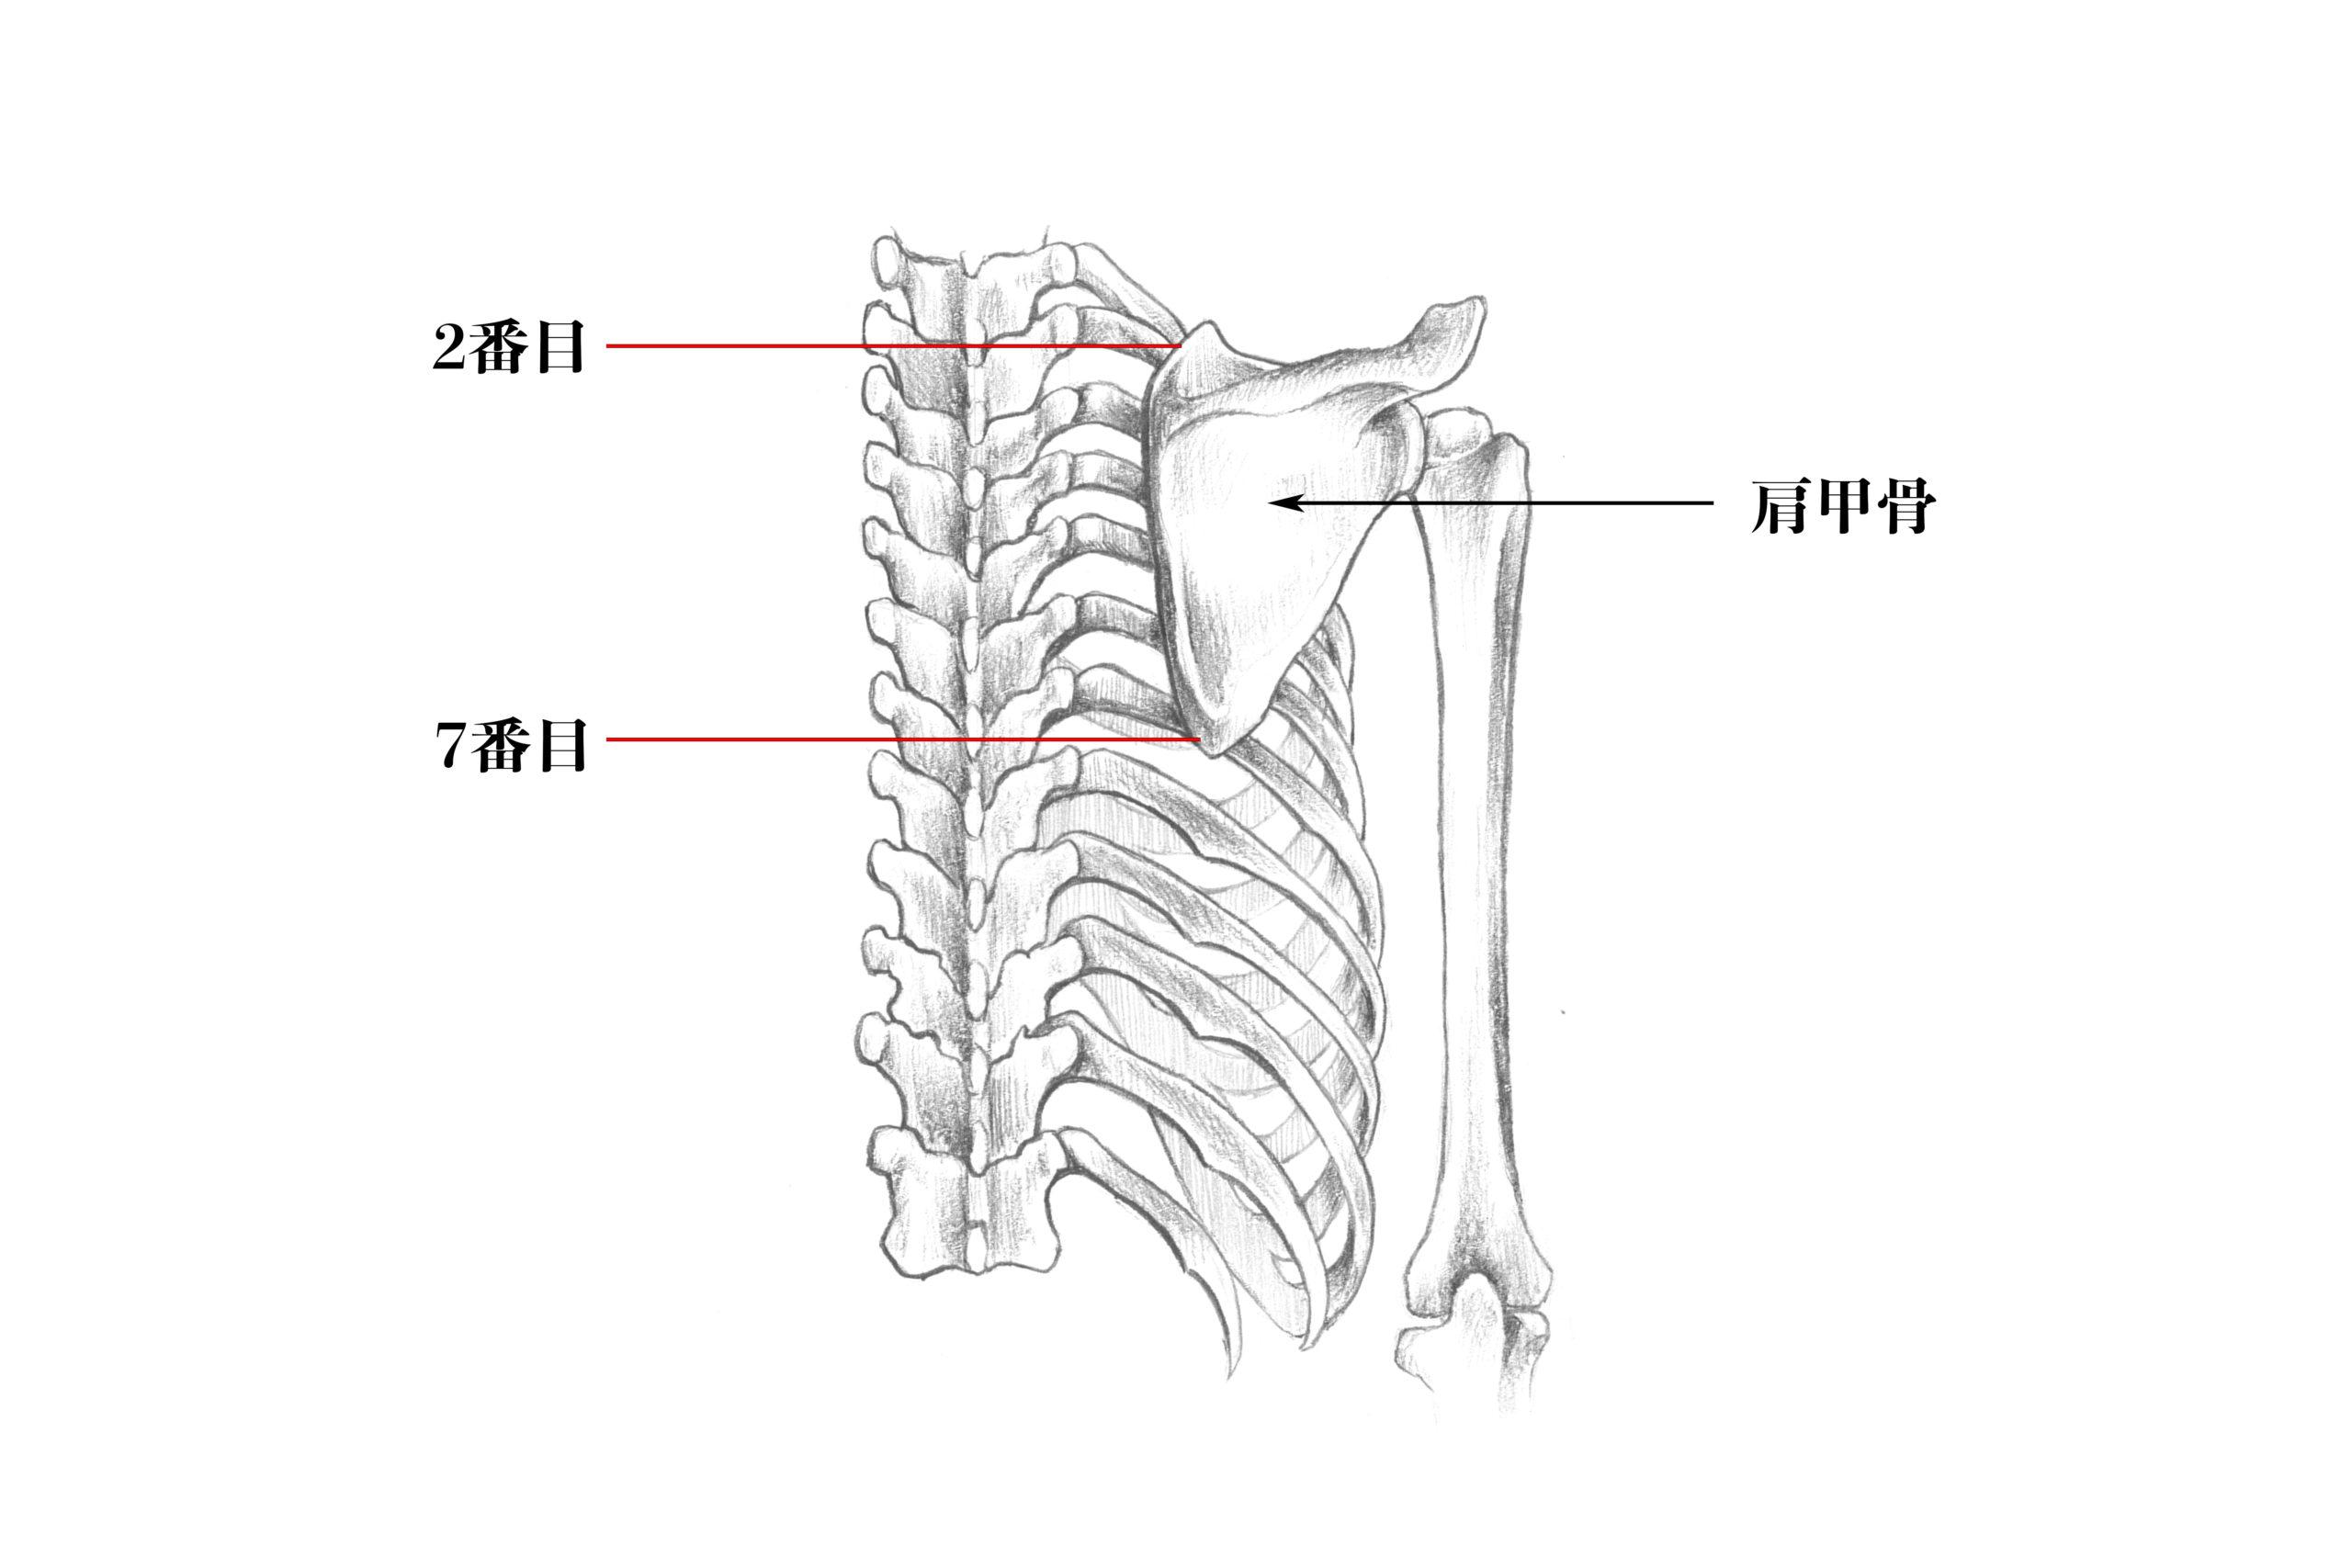 肩甲骨の位置のスケッチ